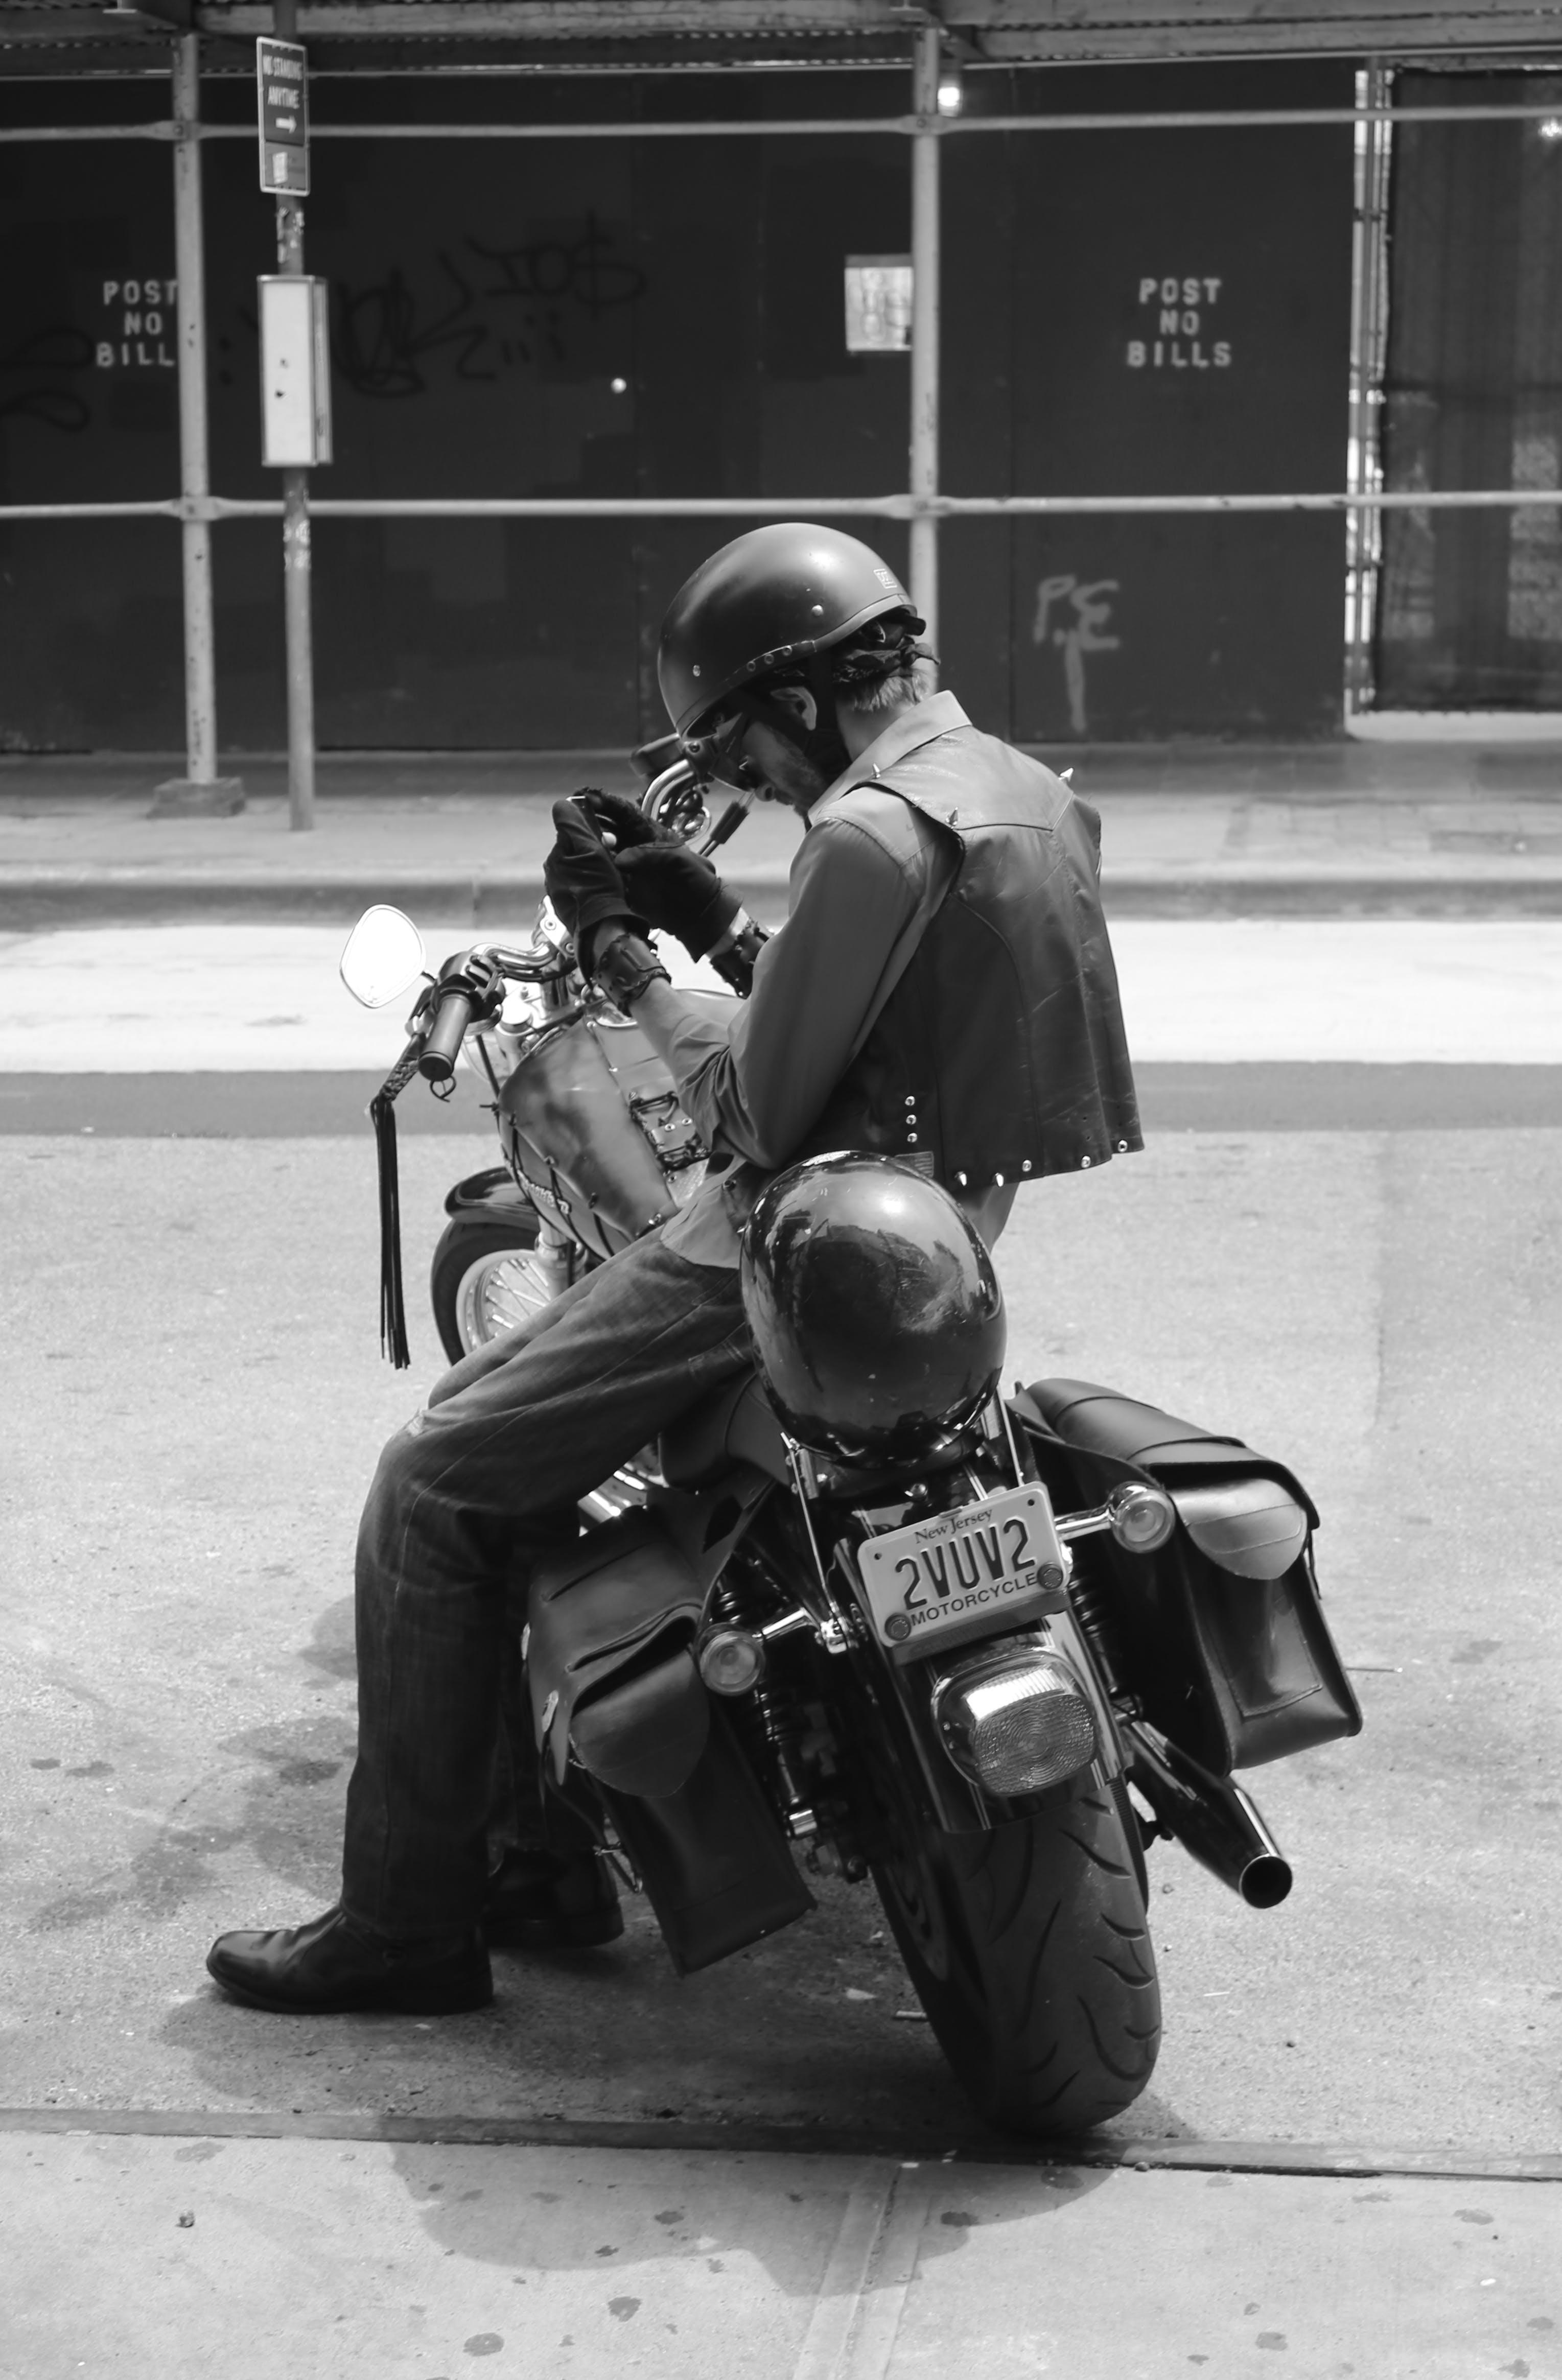 Бесплатное стоковое фото с байк, байкер, бруклин байкер, нью-йоркский мотоцикл